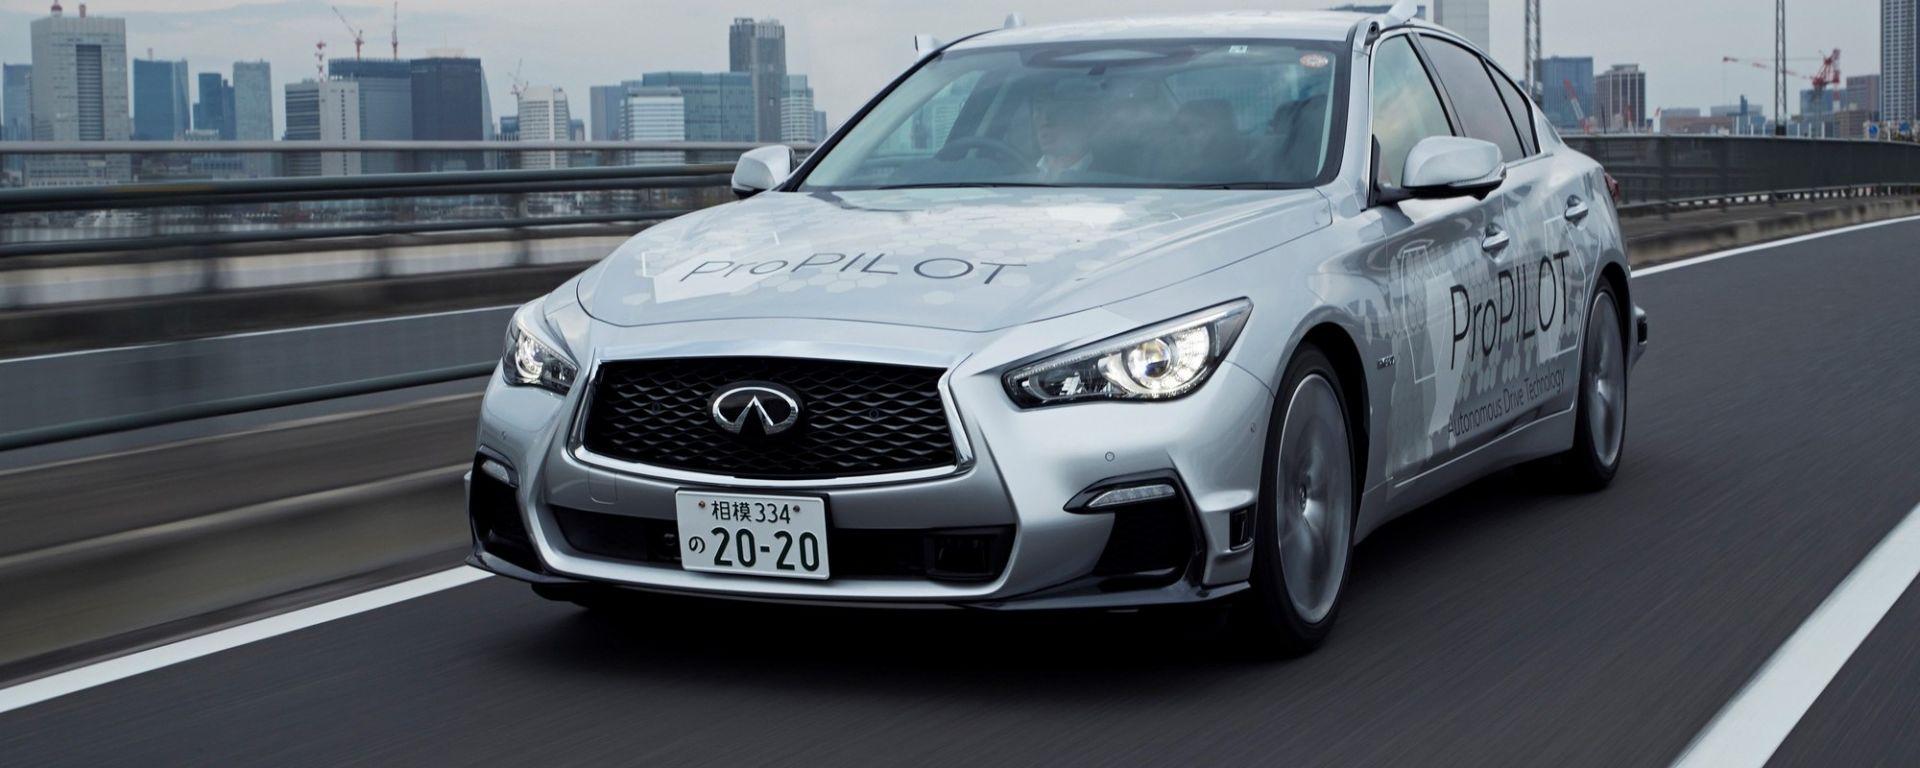 Infiniti Q50 con ProPilot circola a Tokyo